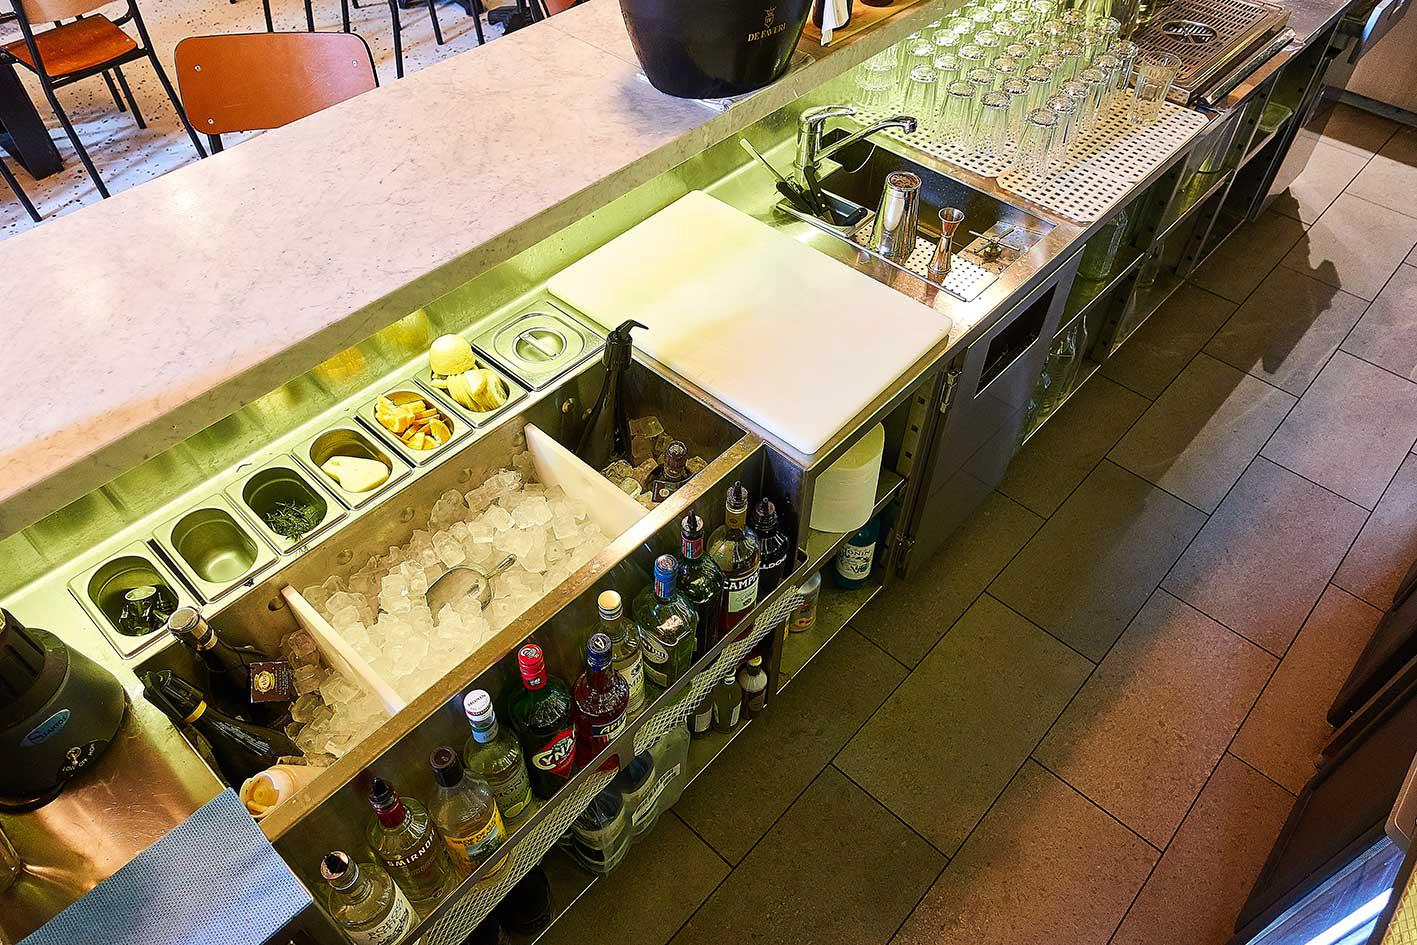 Station cocktail de l'établissement Roberta Bercy